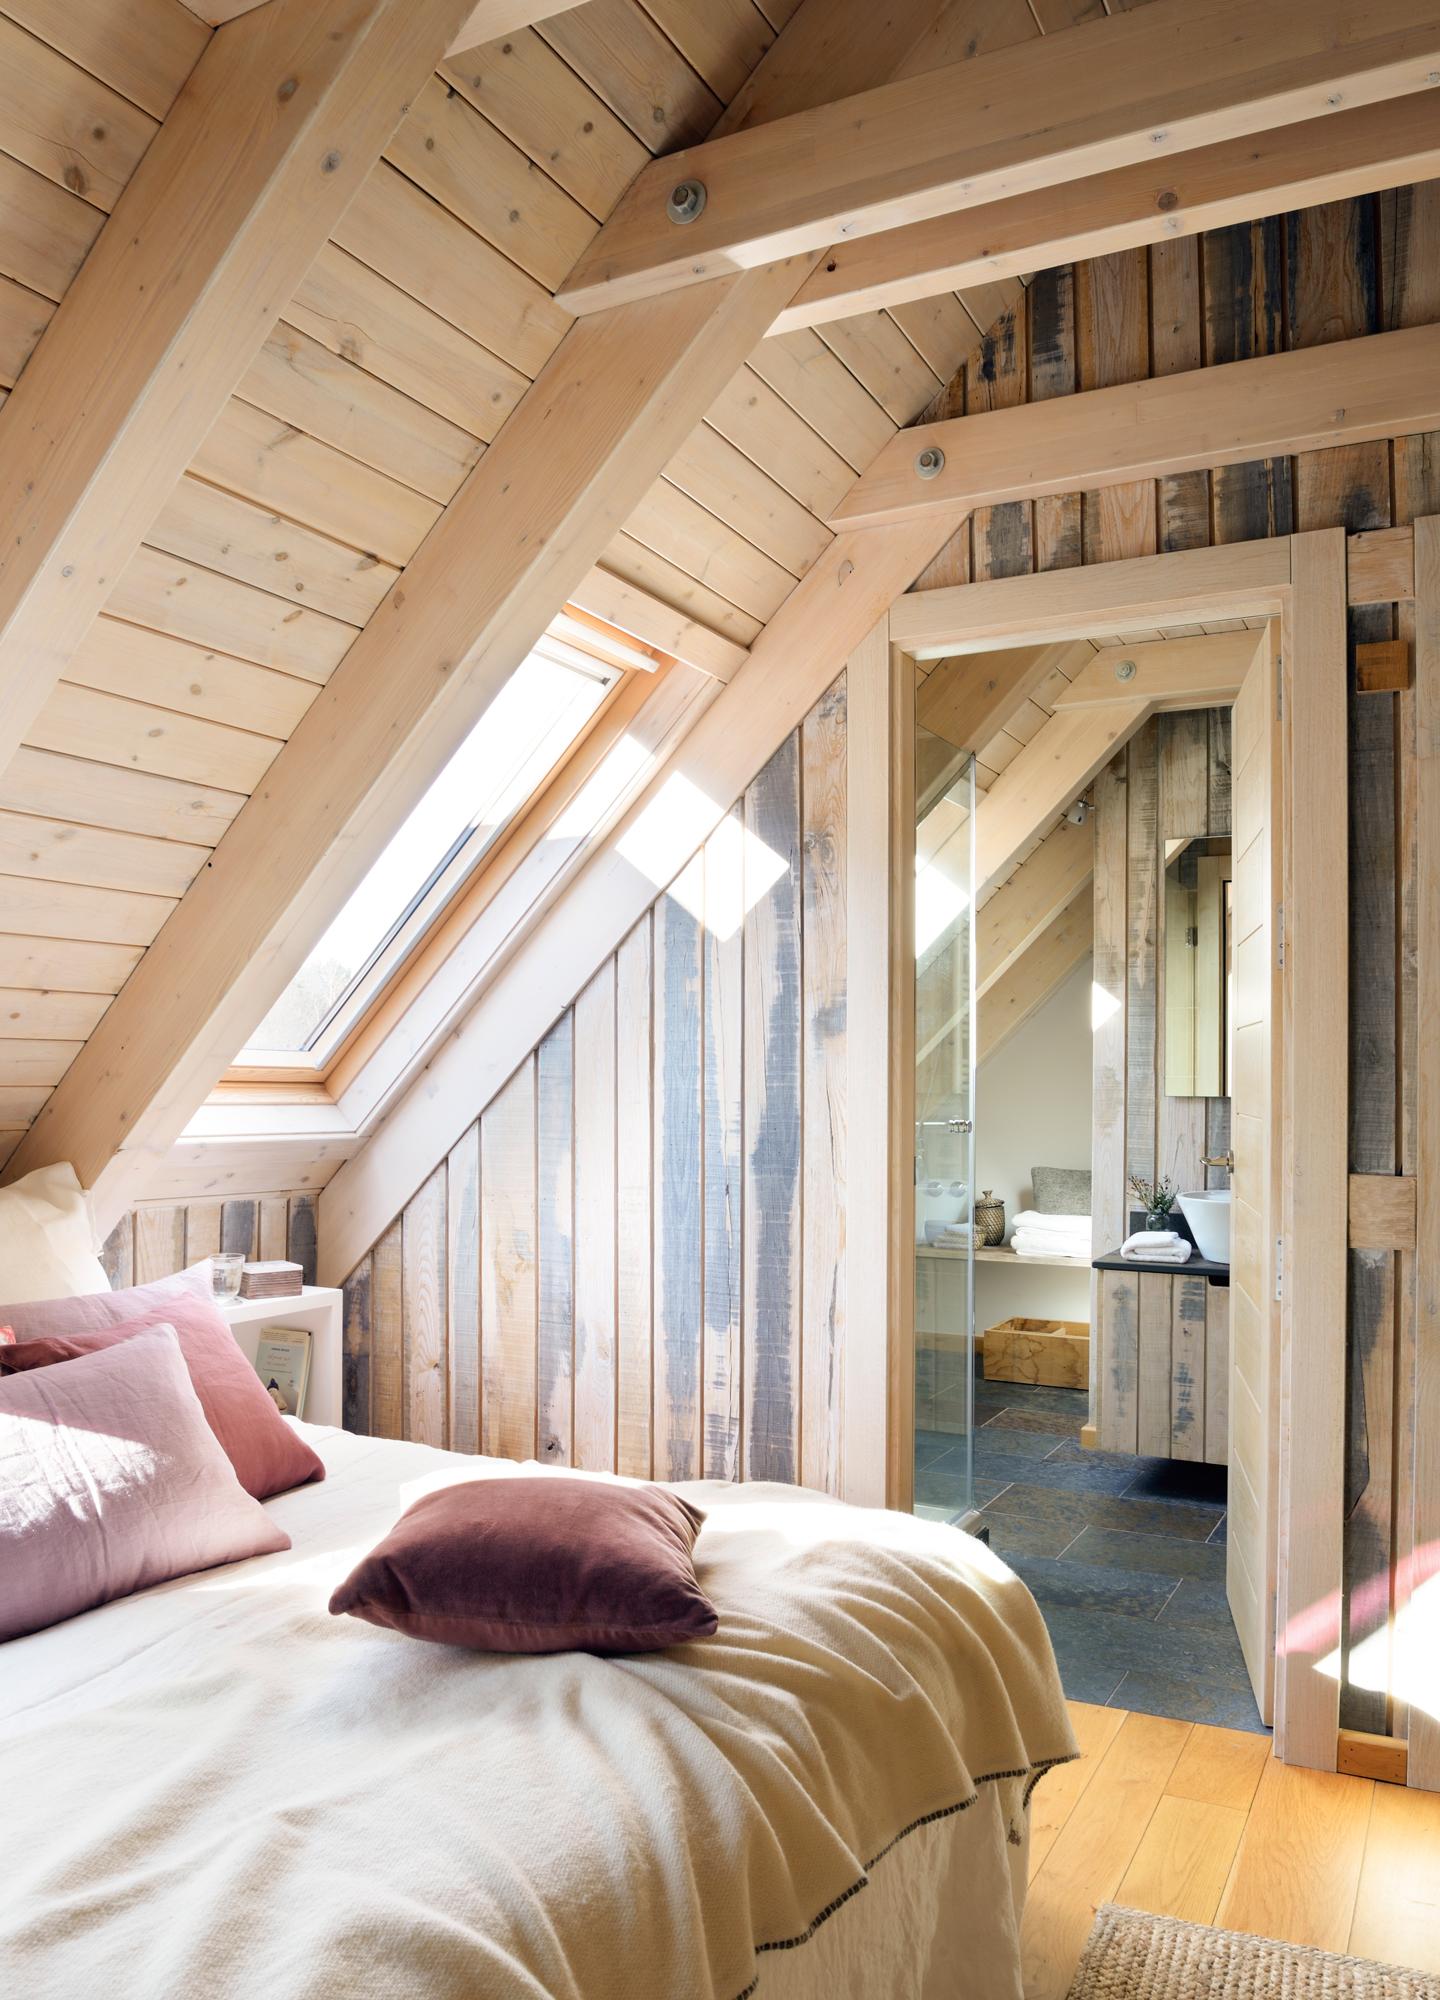 dormitorios en buhardillas